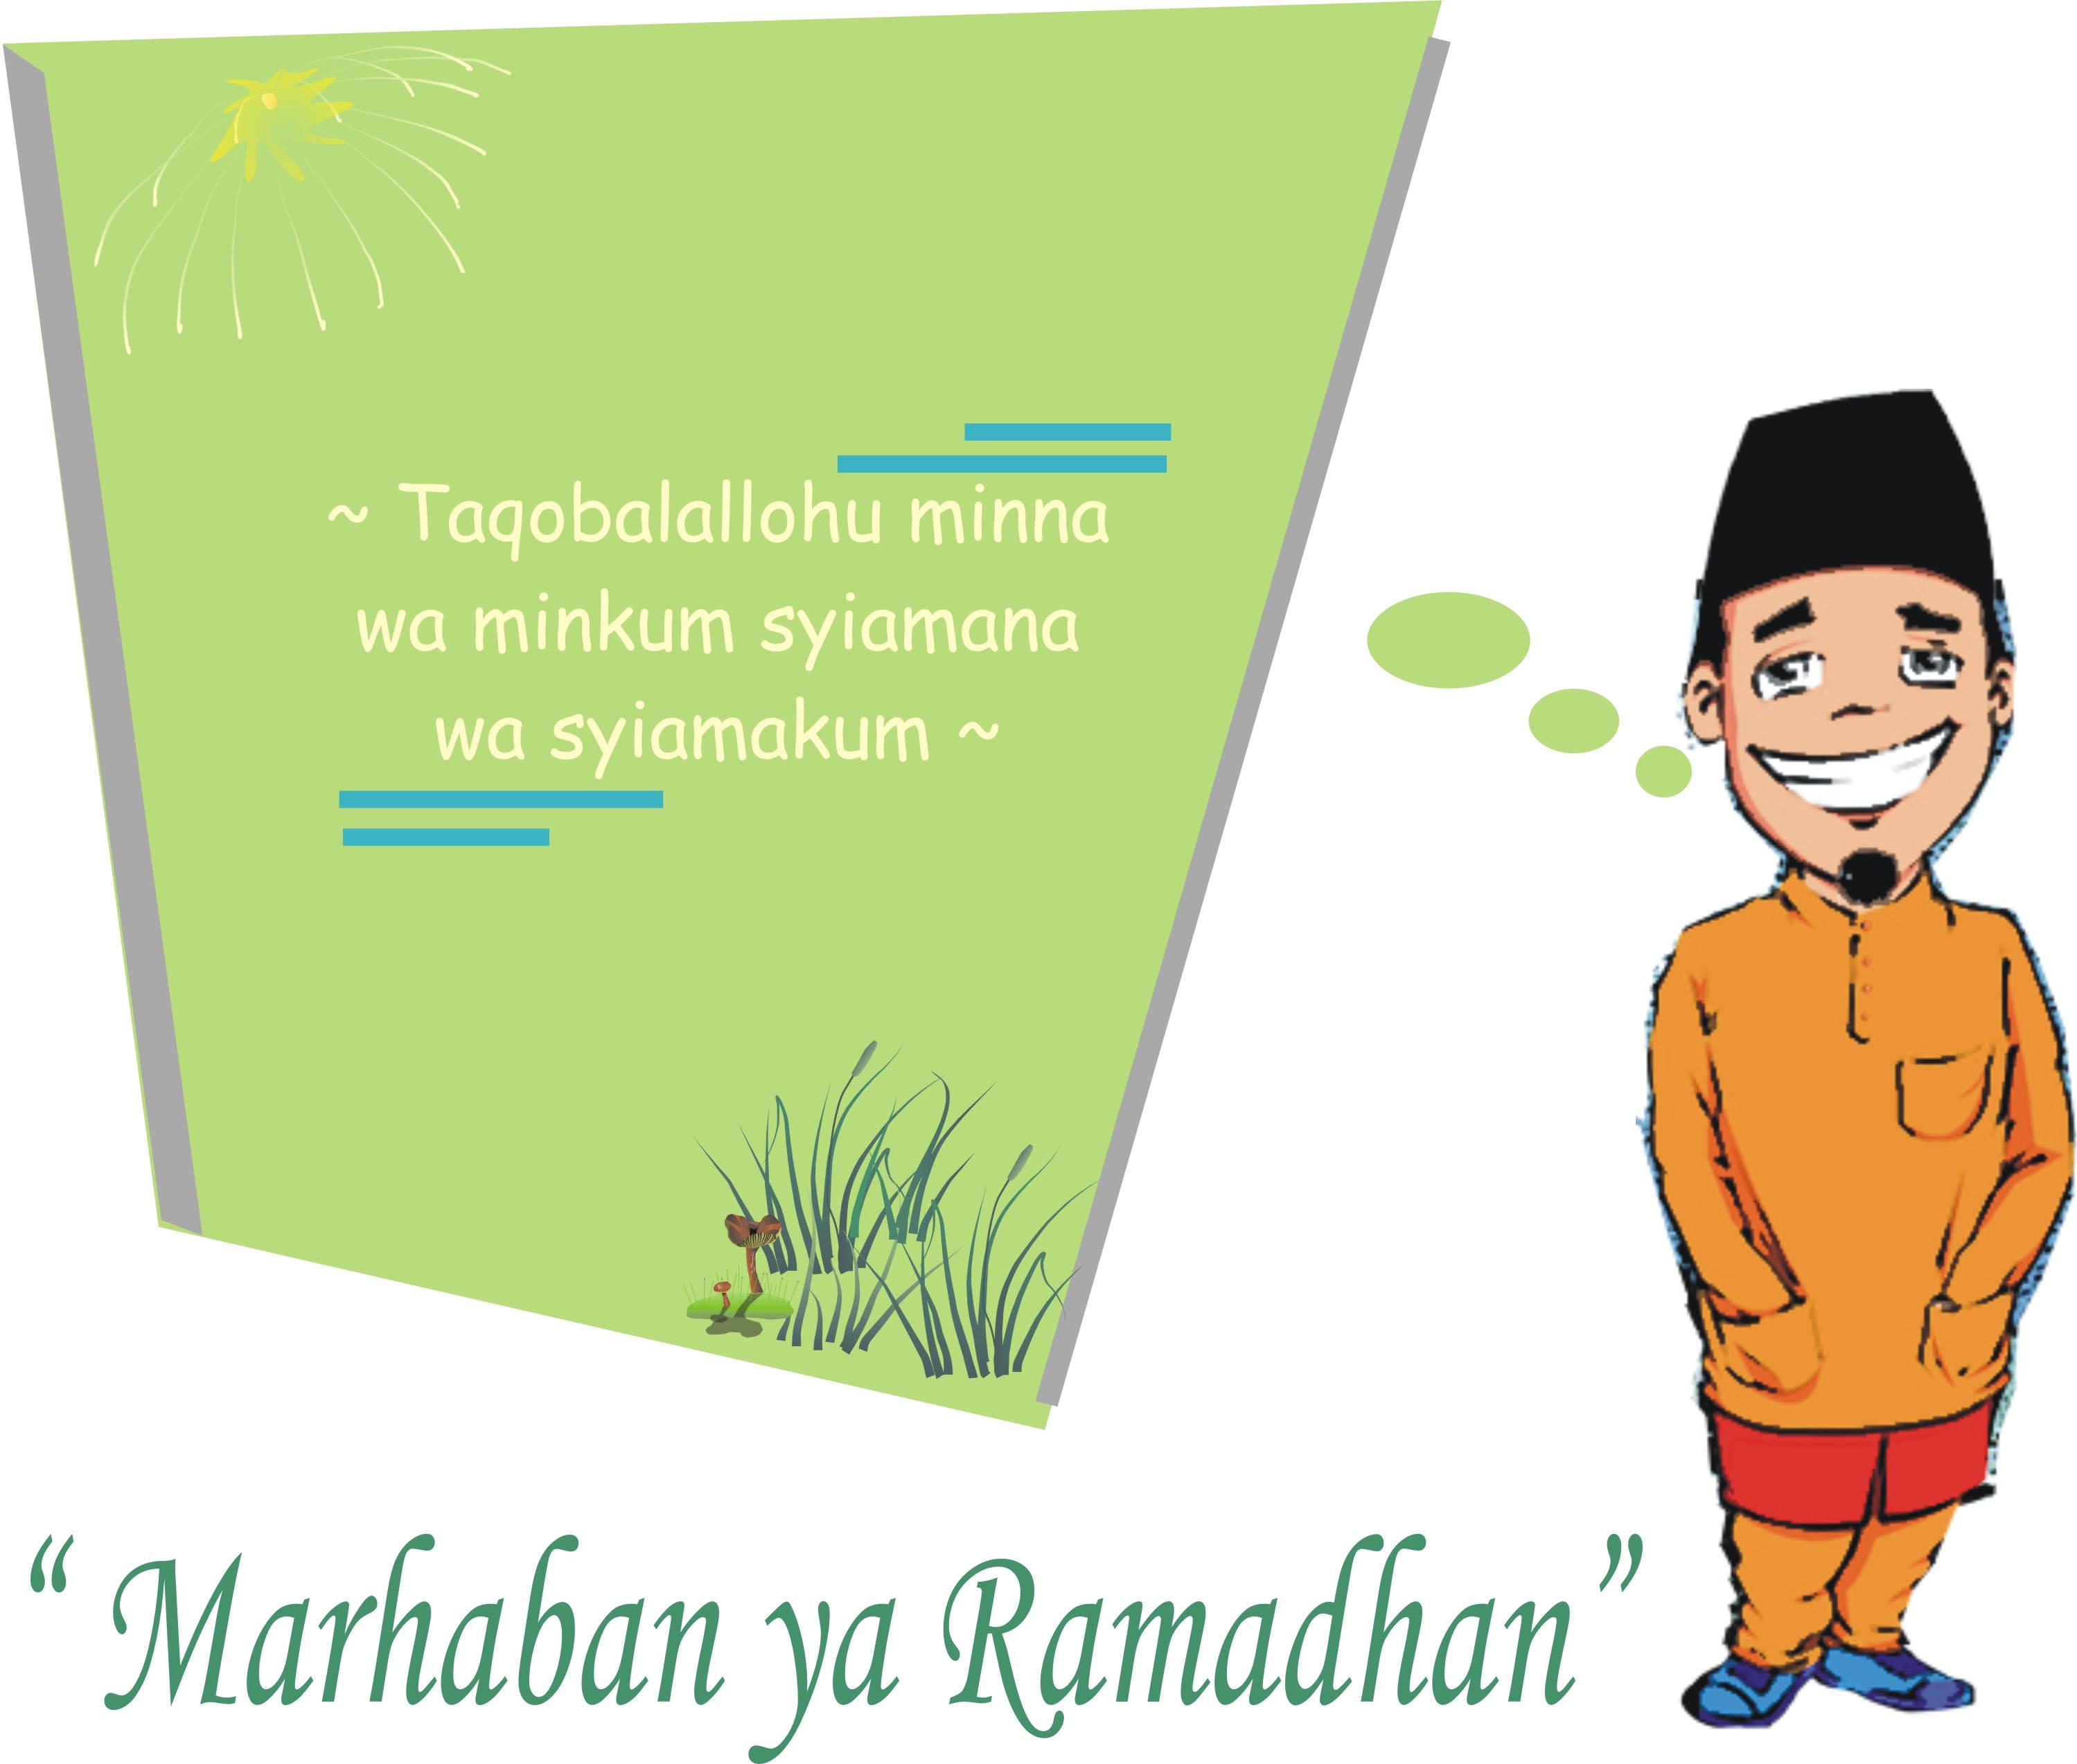 22 Ucapan Ramadhan Lucu Ideas Kata Mutiara Terbaru